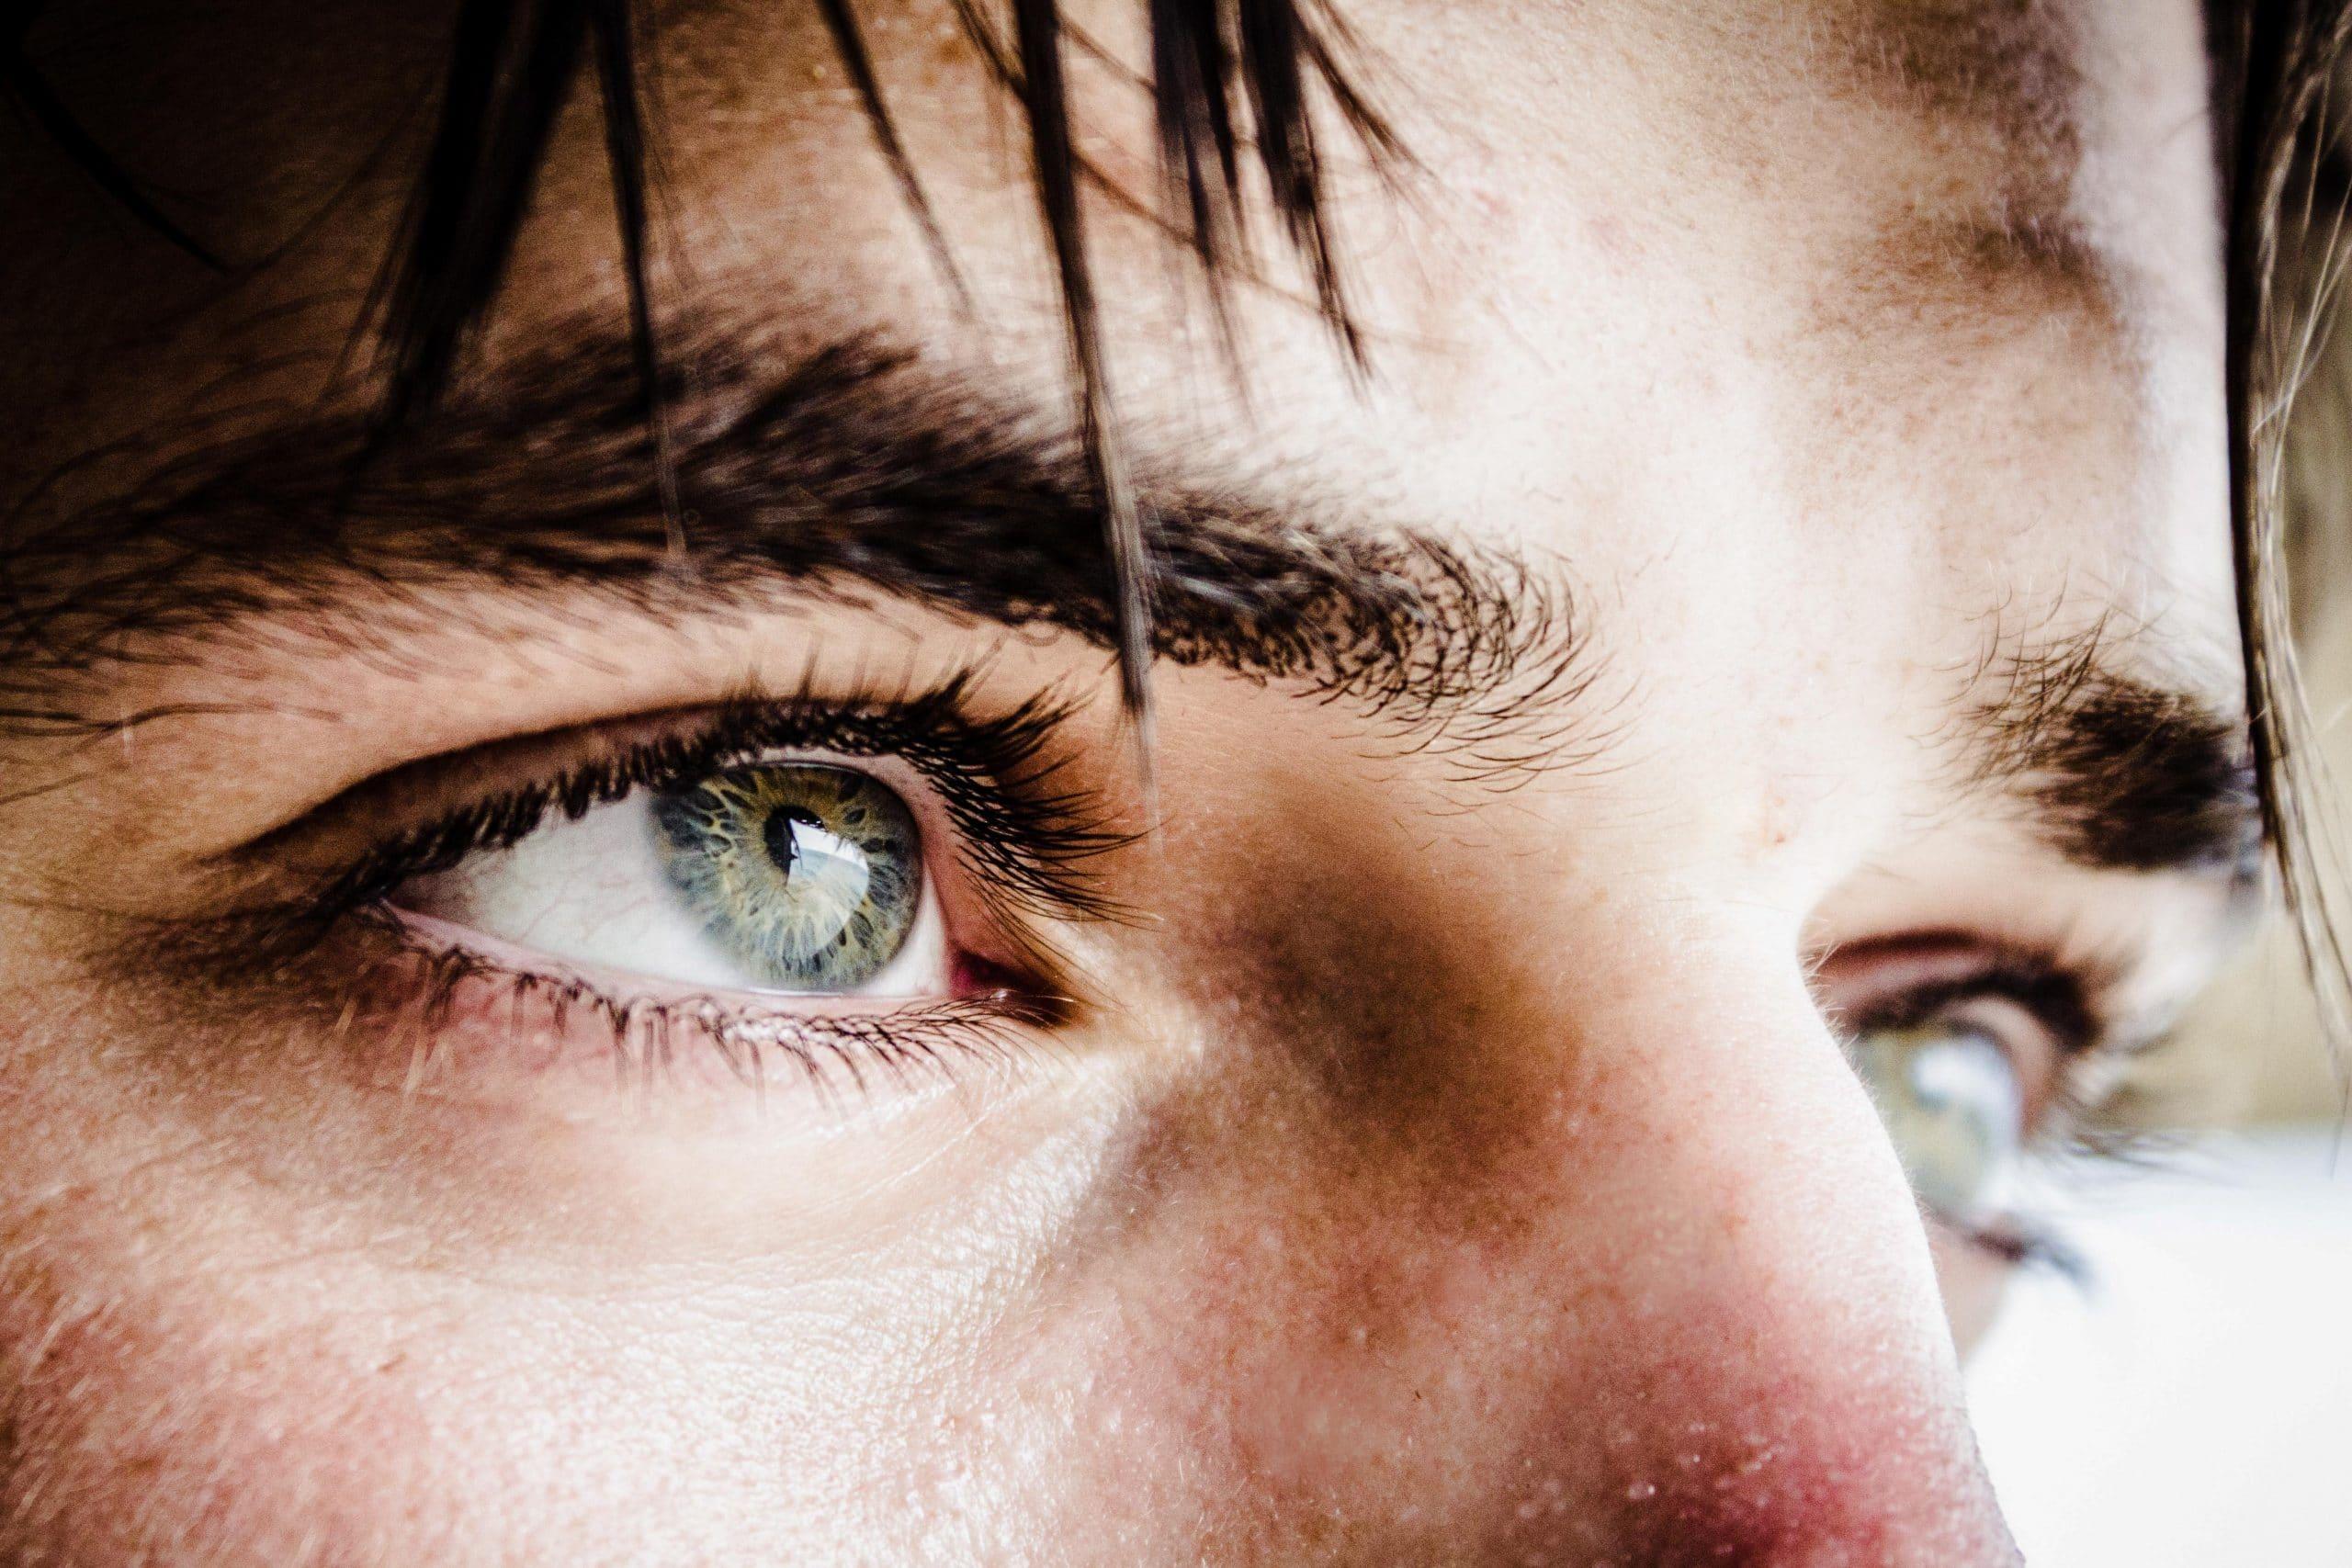 acuitatea vizuală a fiecărui ochi